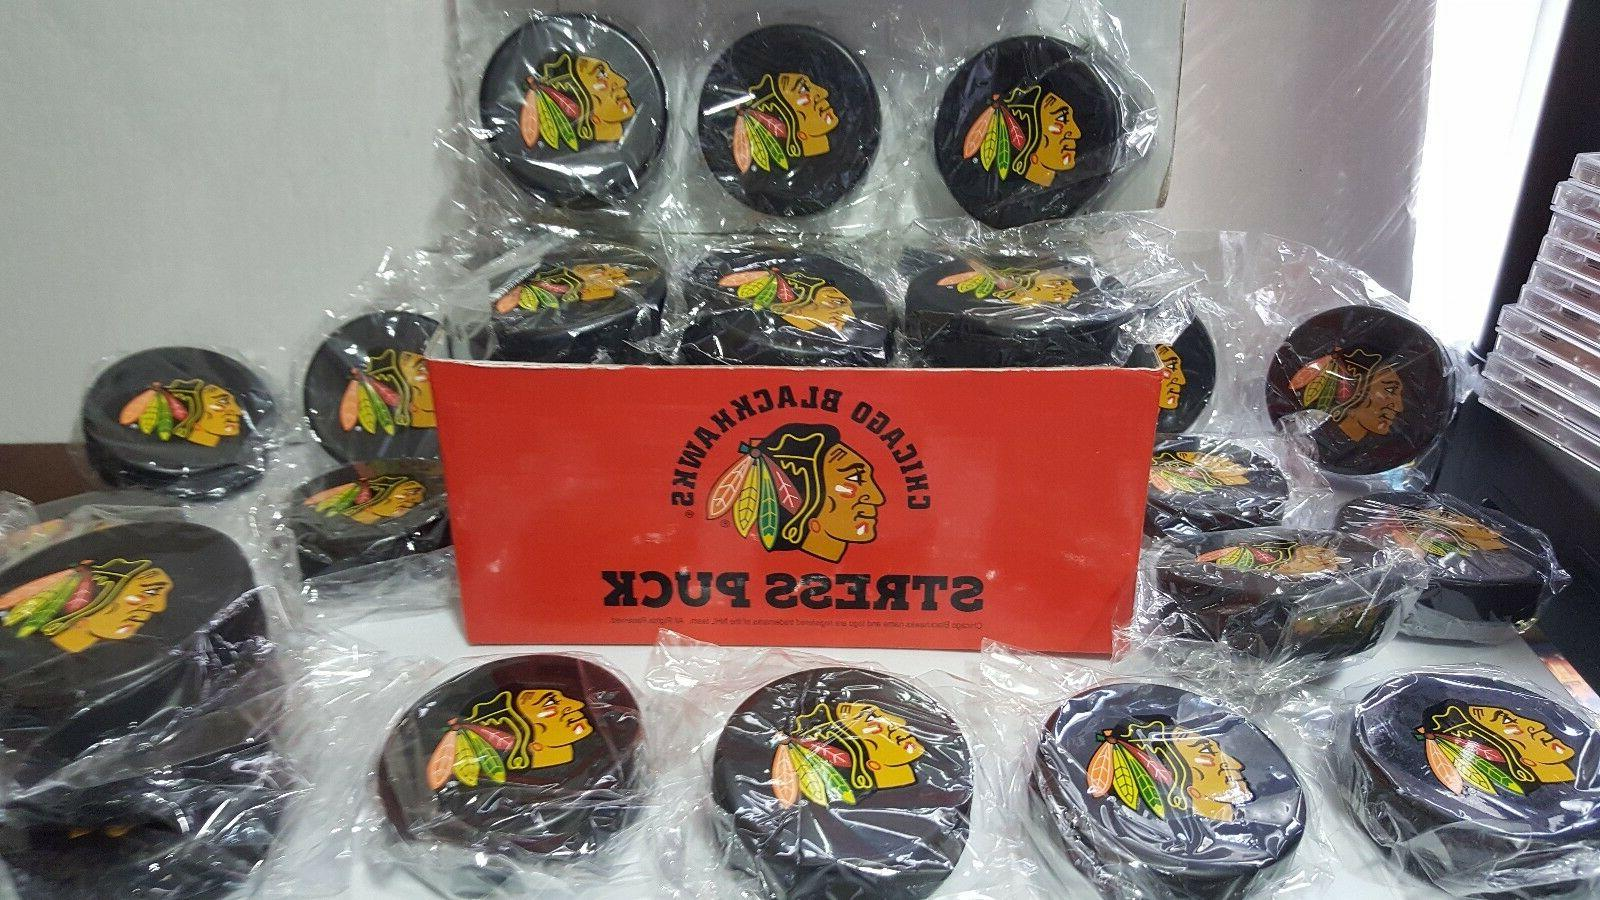 6 chicago blackhawks nhl hockey stress puck